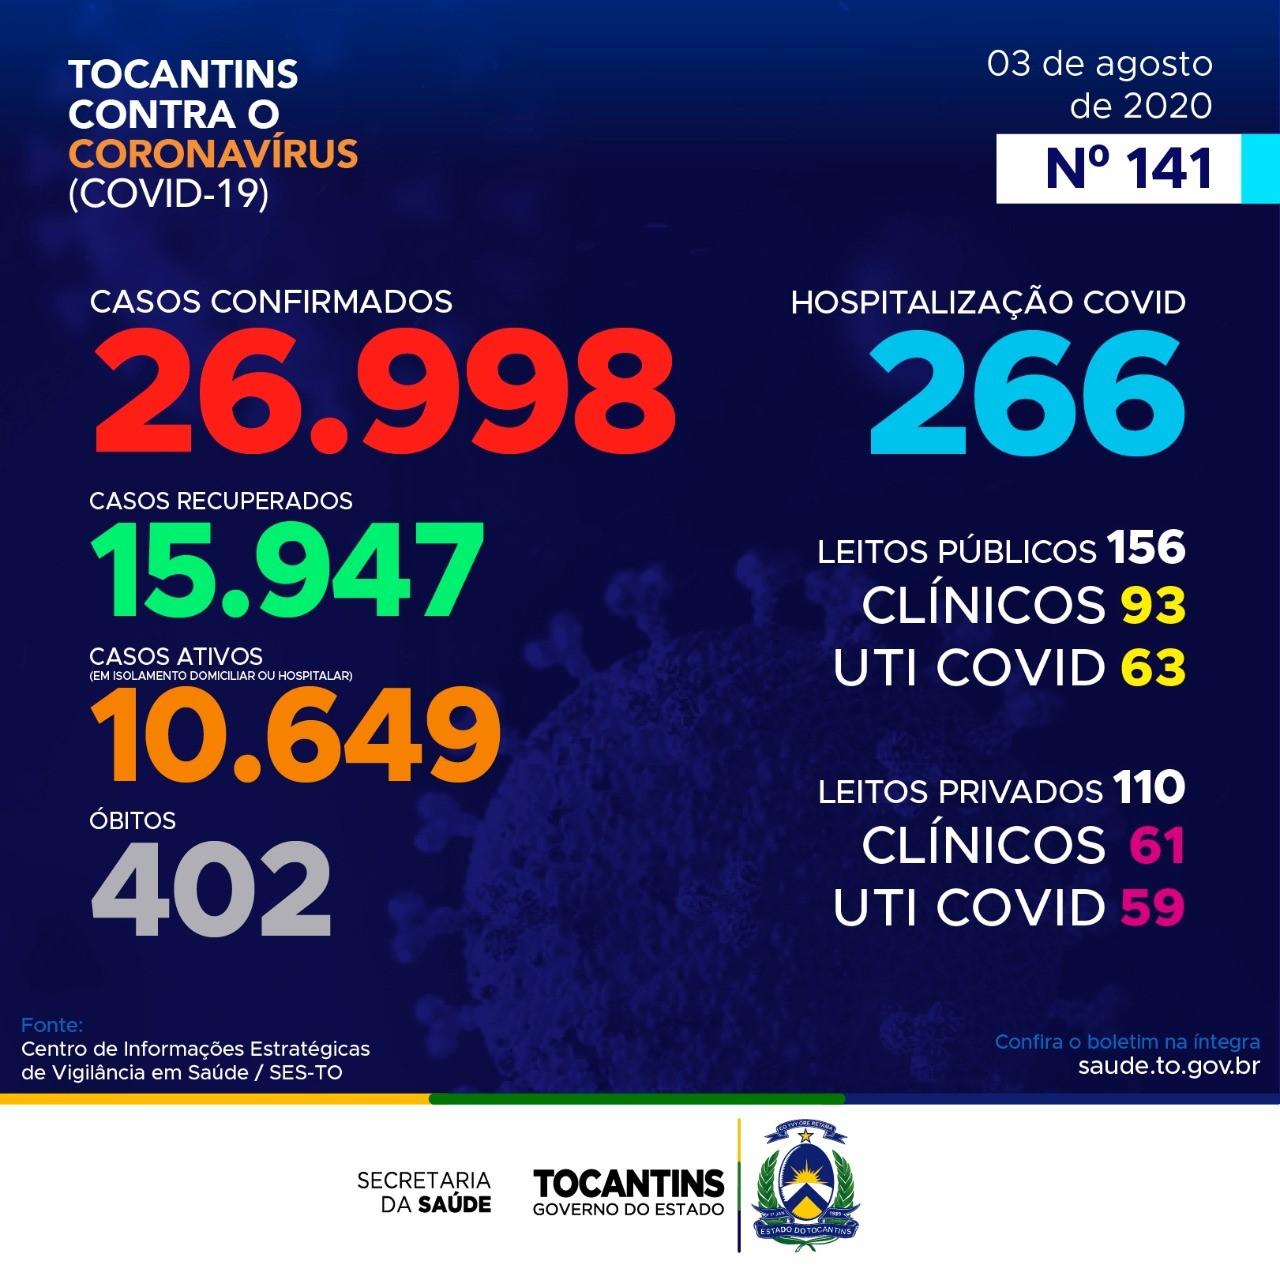 Tocantins contabiliza 565 novos casos de covid-19 e 7 mortes pela doença; confira boletim epidemiológico